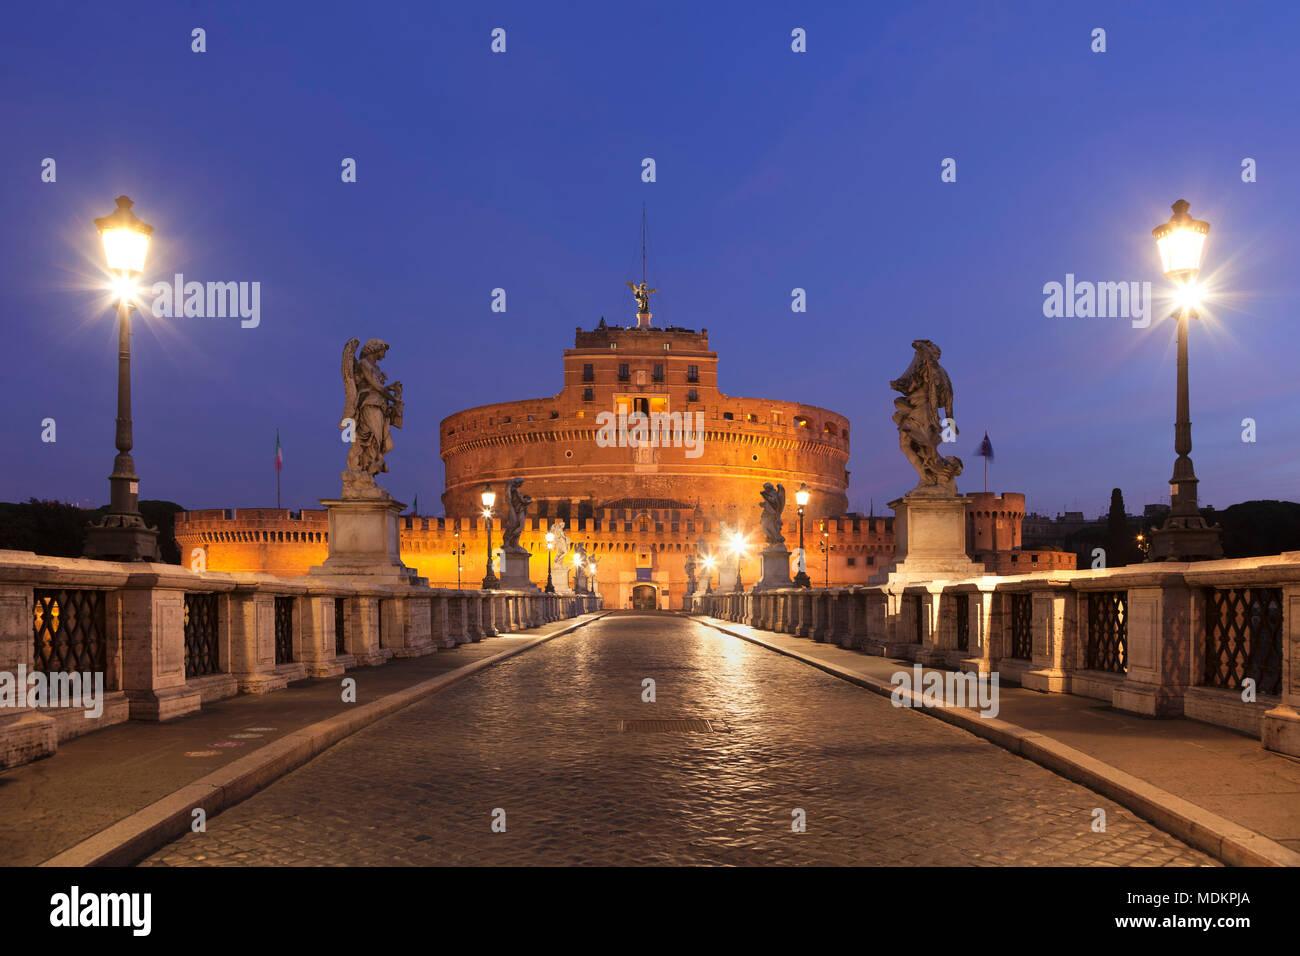 L'aube, Rome, Latium, Italie Photo Stock